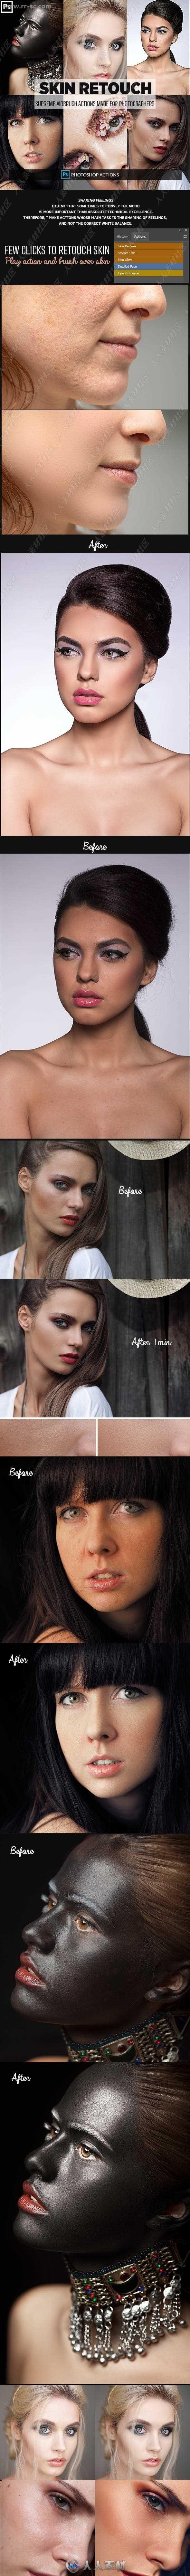 轻松人像皮肤细化毛孔柔和肤色特效PS动作